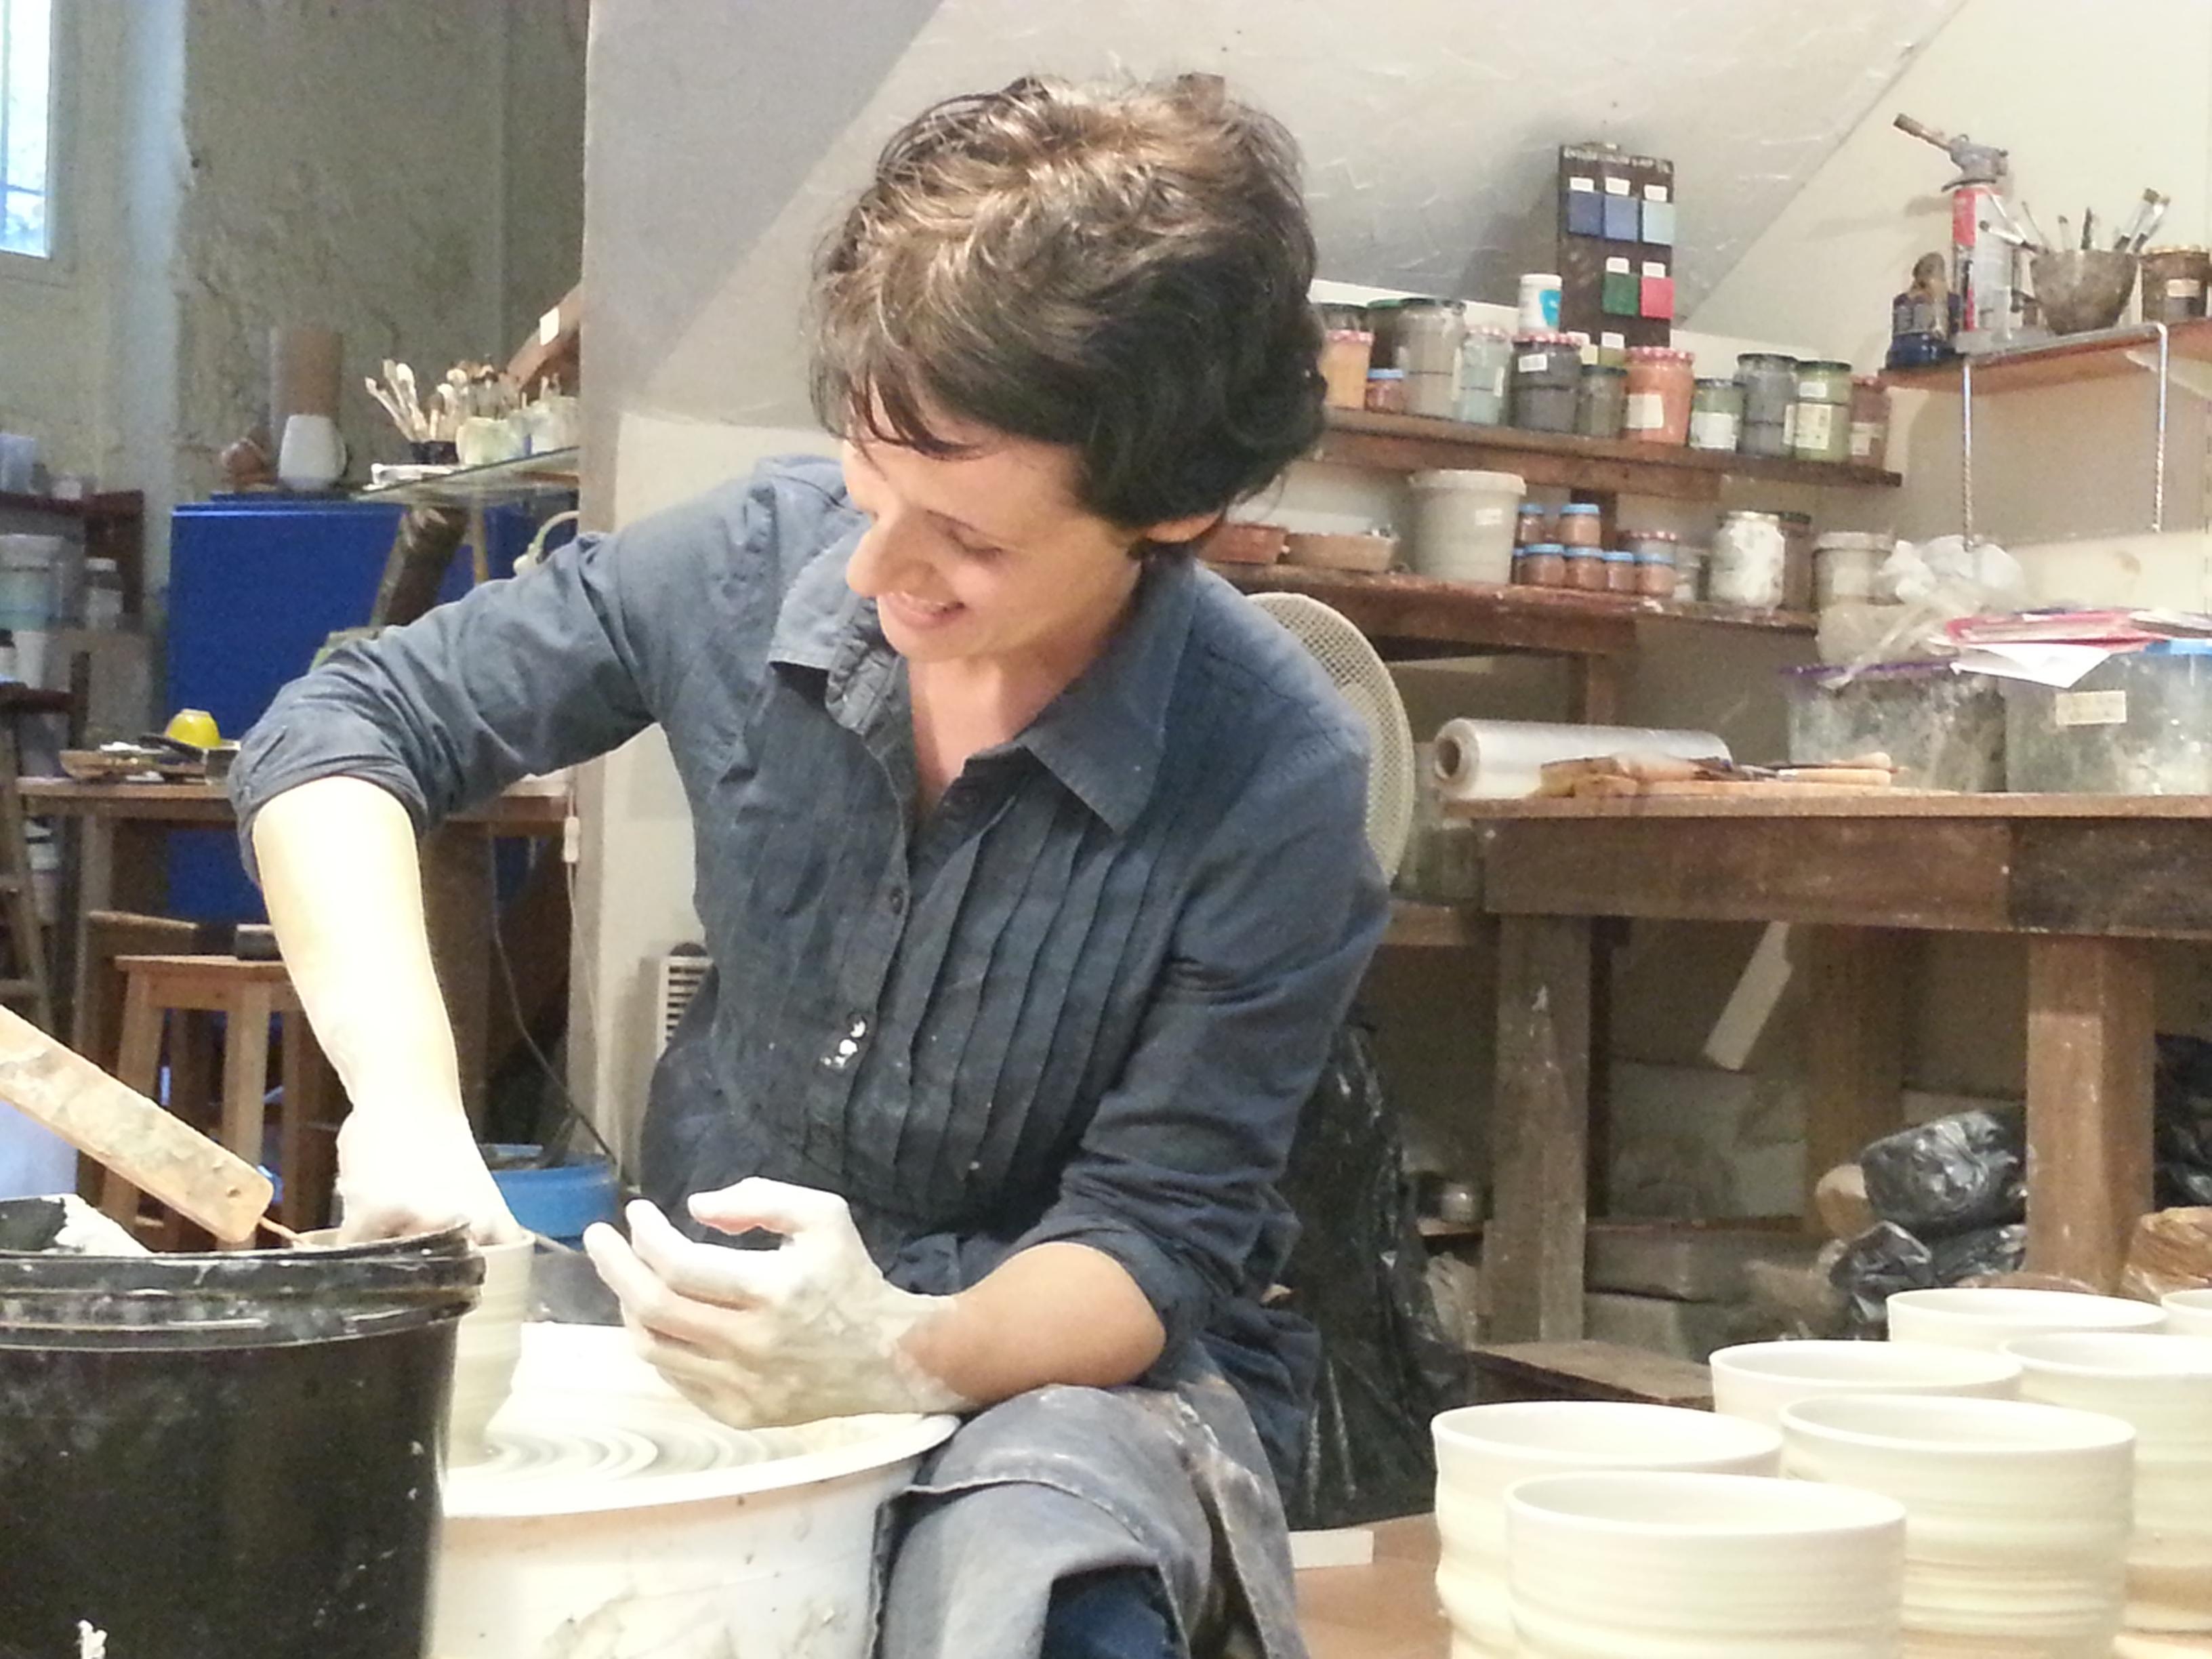 Cecile Cayrol making. Mugs in her pottery studio, La Main Qui Pense, Arles, France